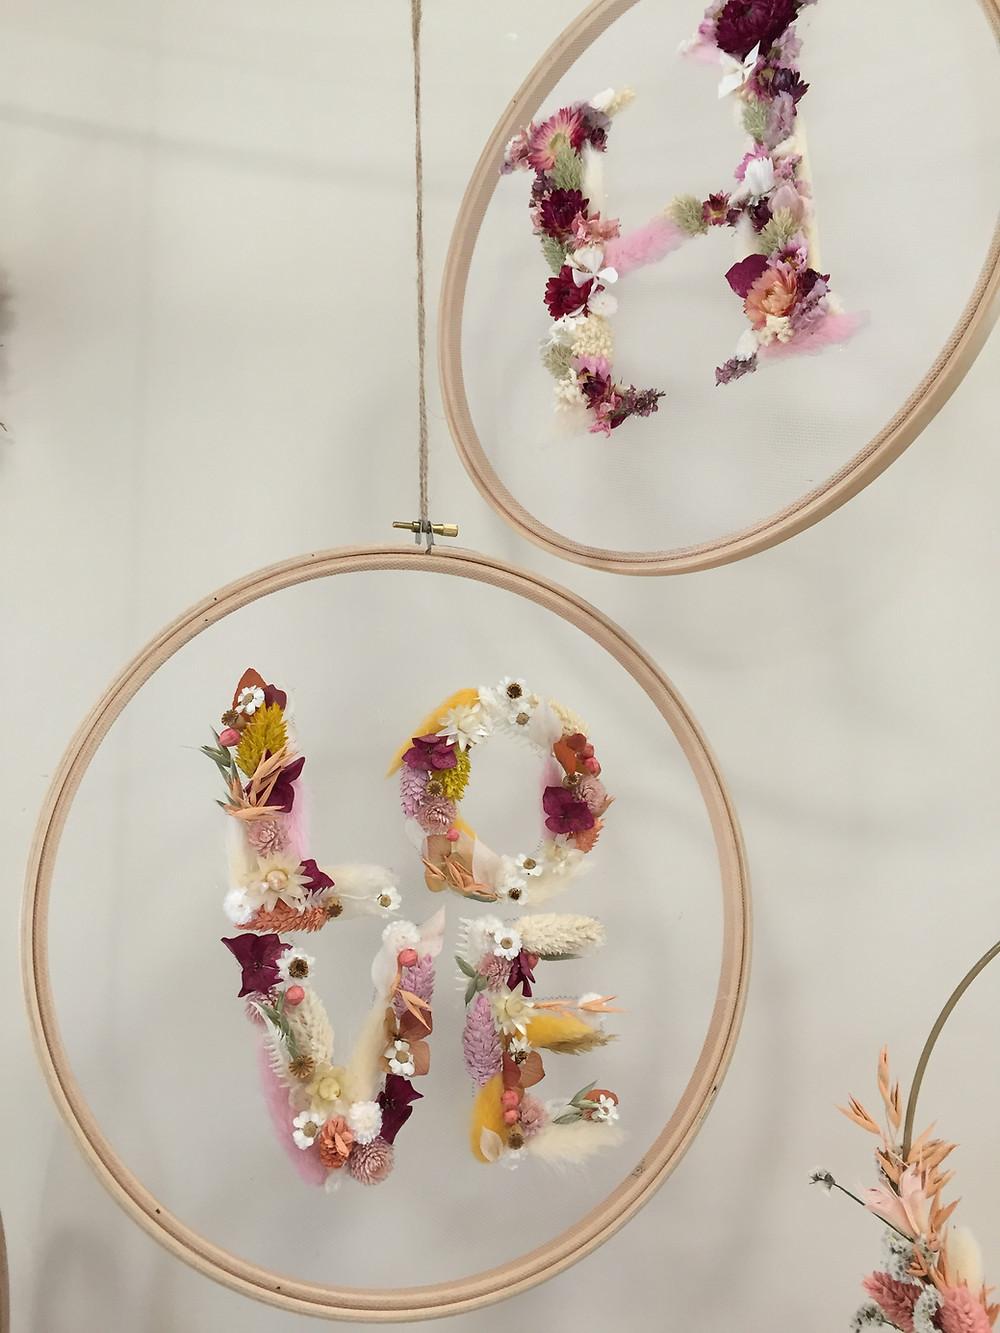 création florale Poppy Figue